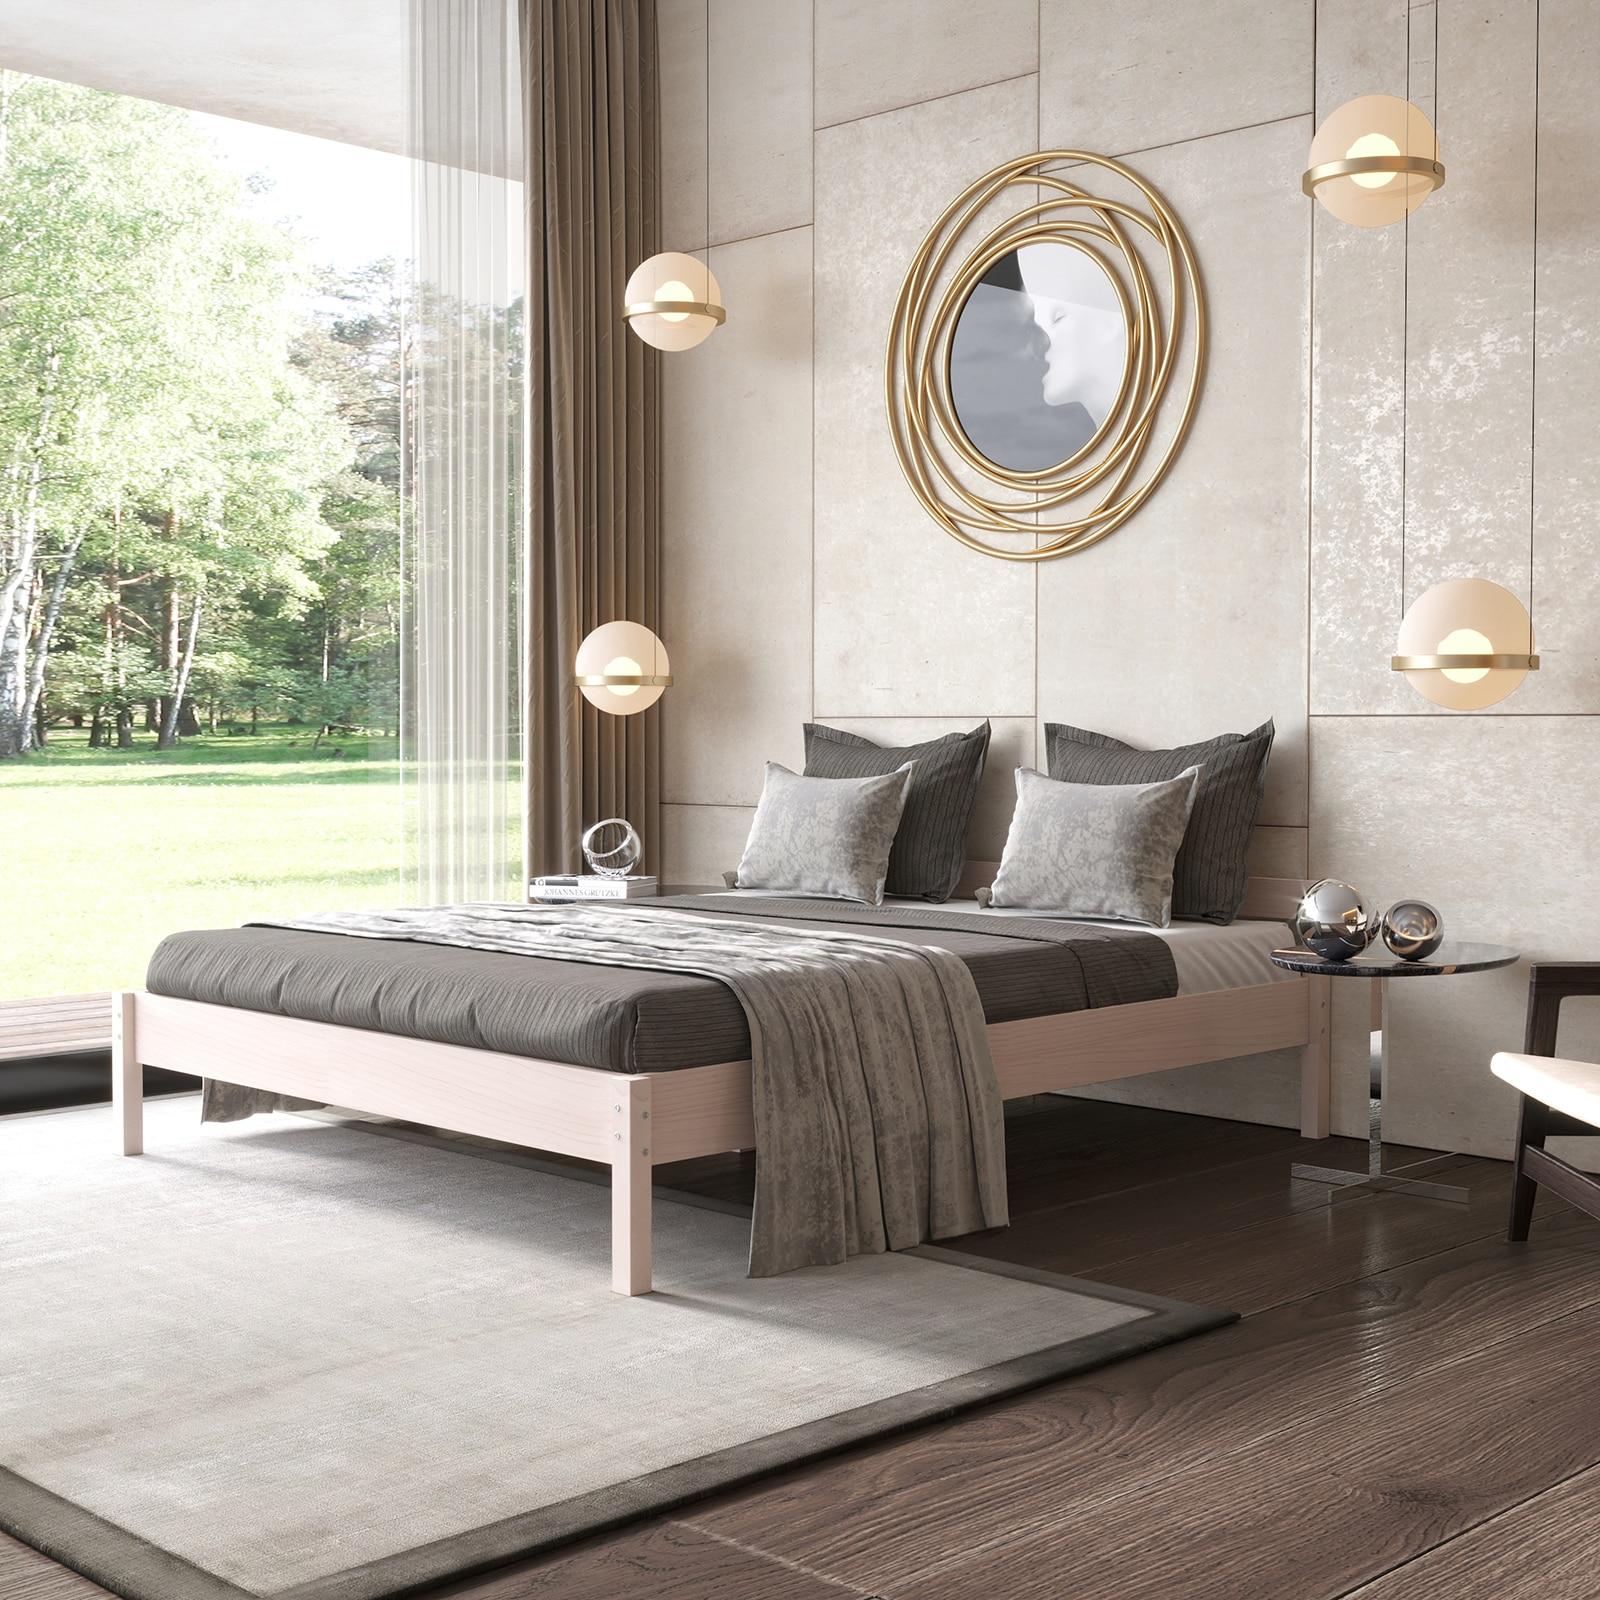 Двуспальная деревянная кровать 140х200 см из массива березы